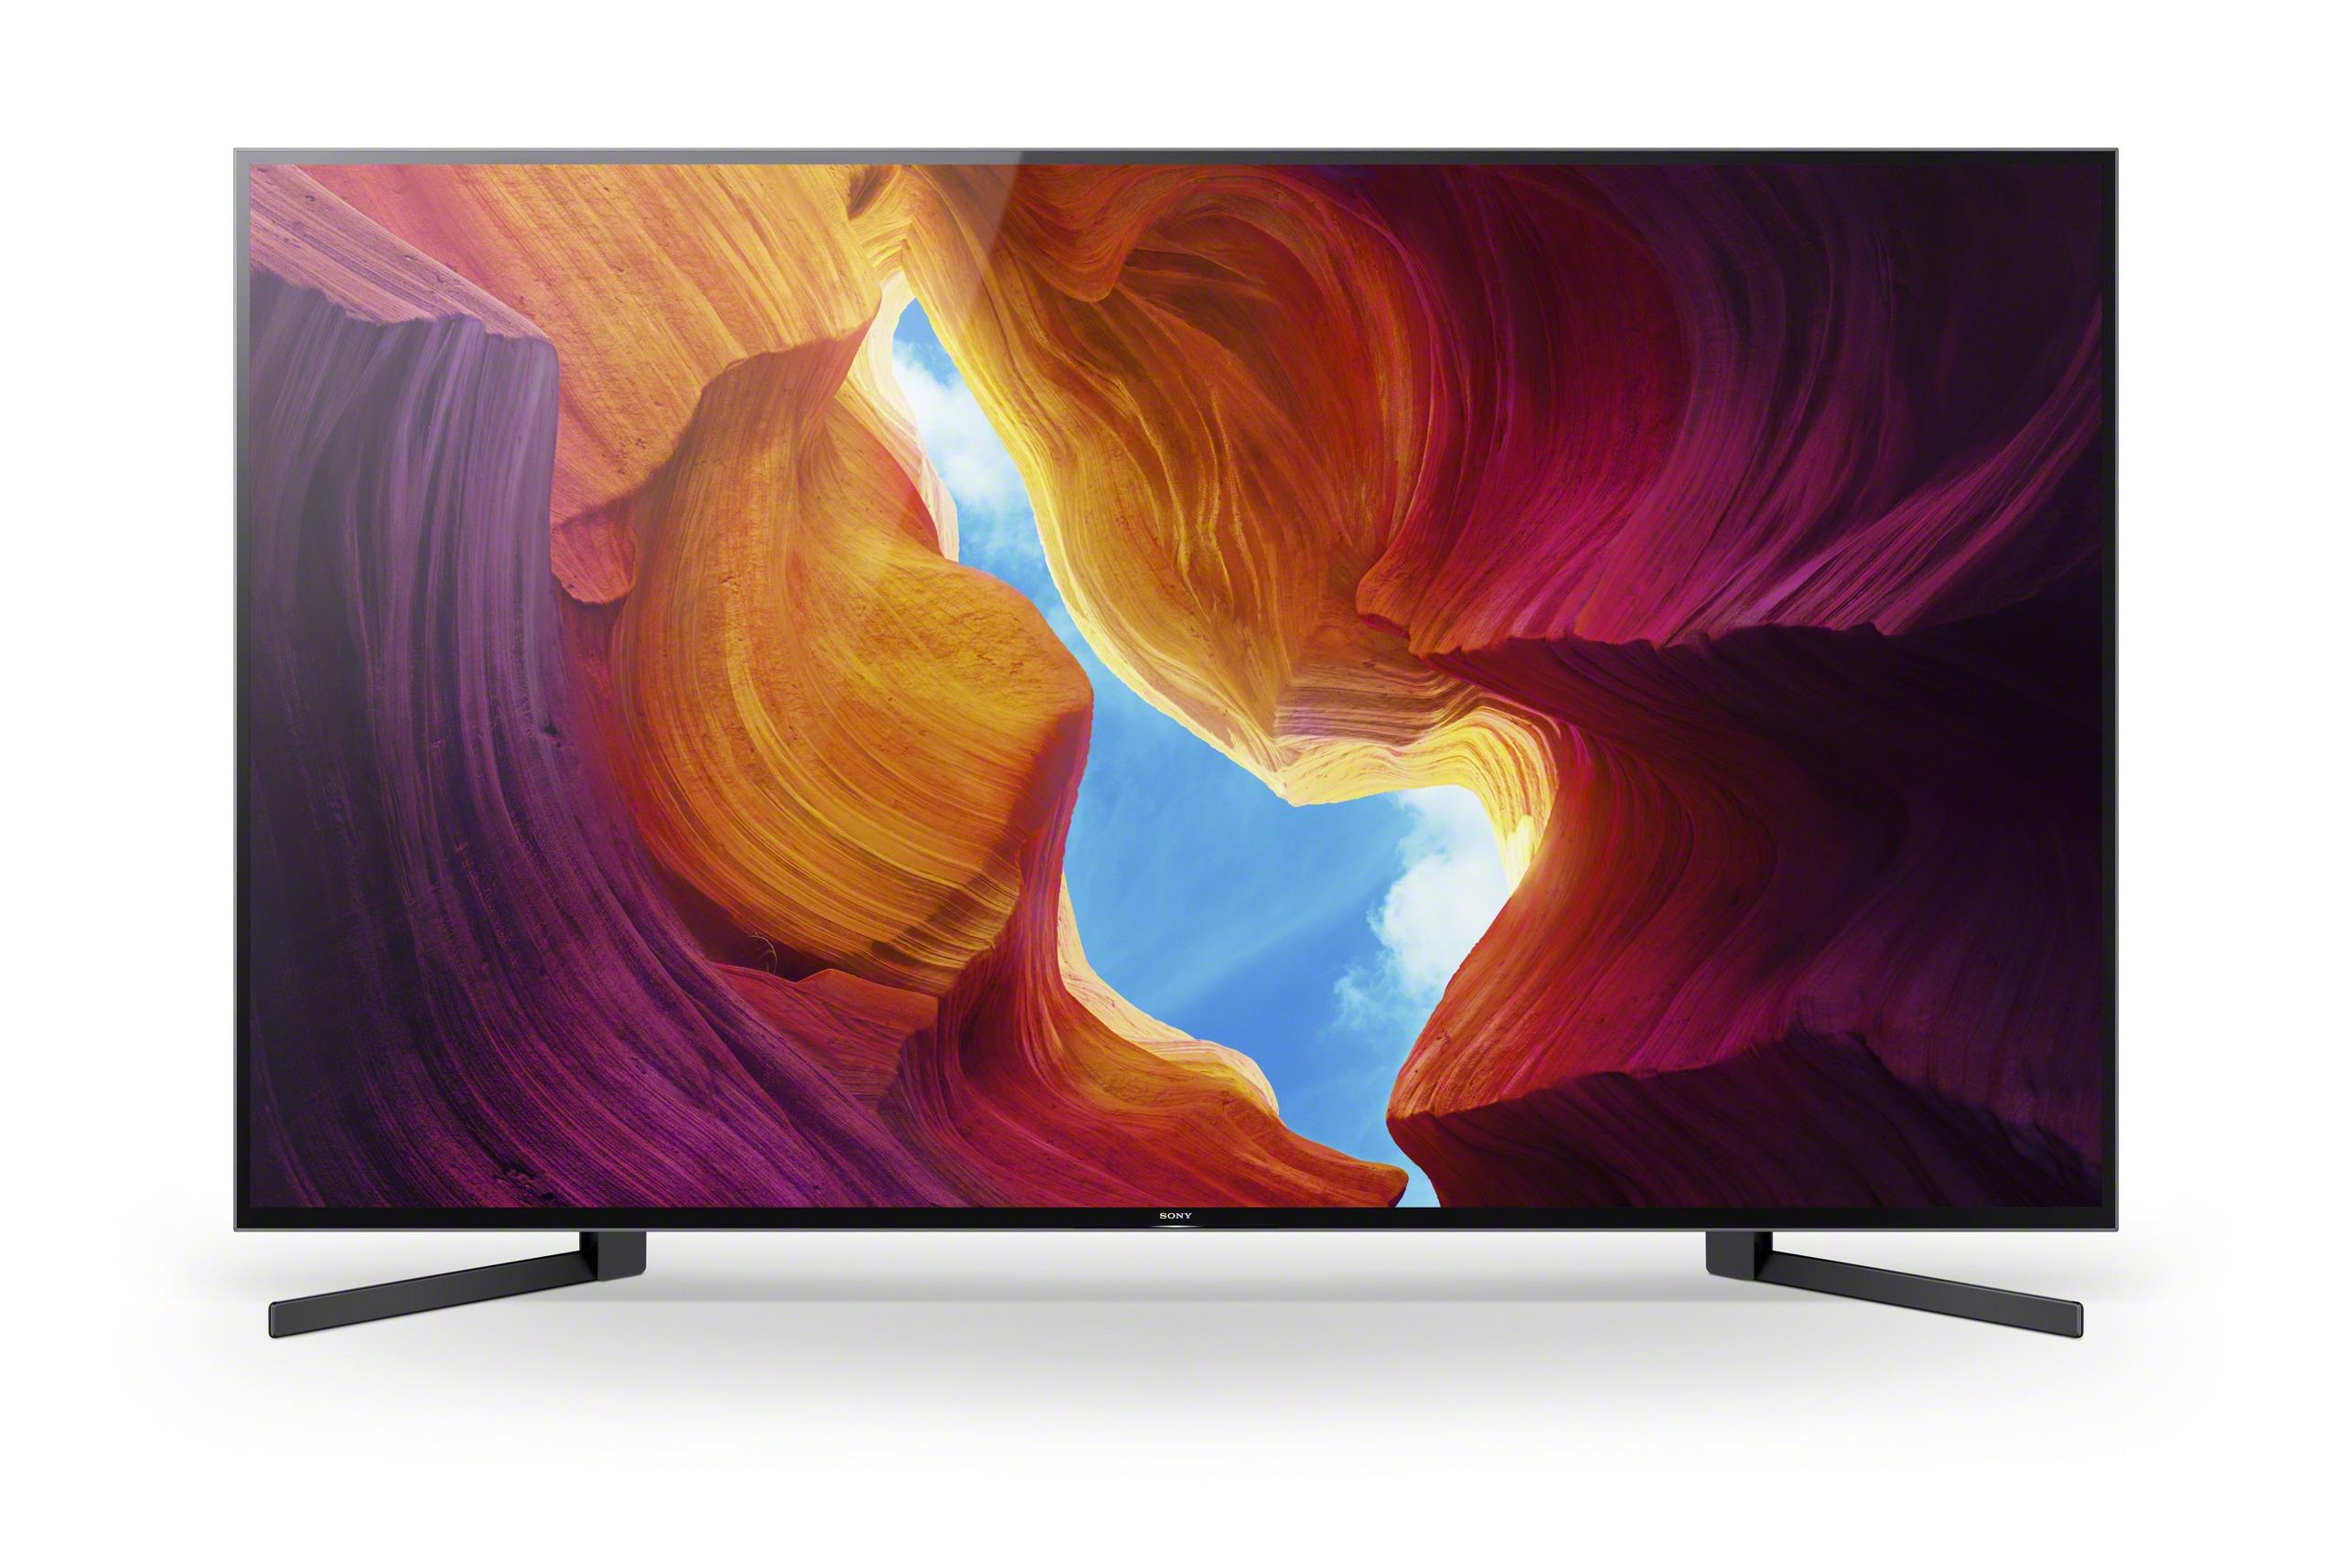 Sony KD-85XH9505 85 inch UHD TV